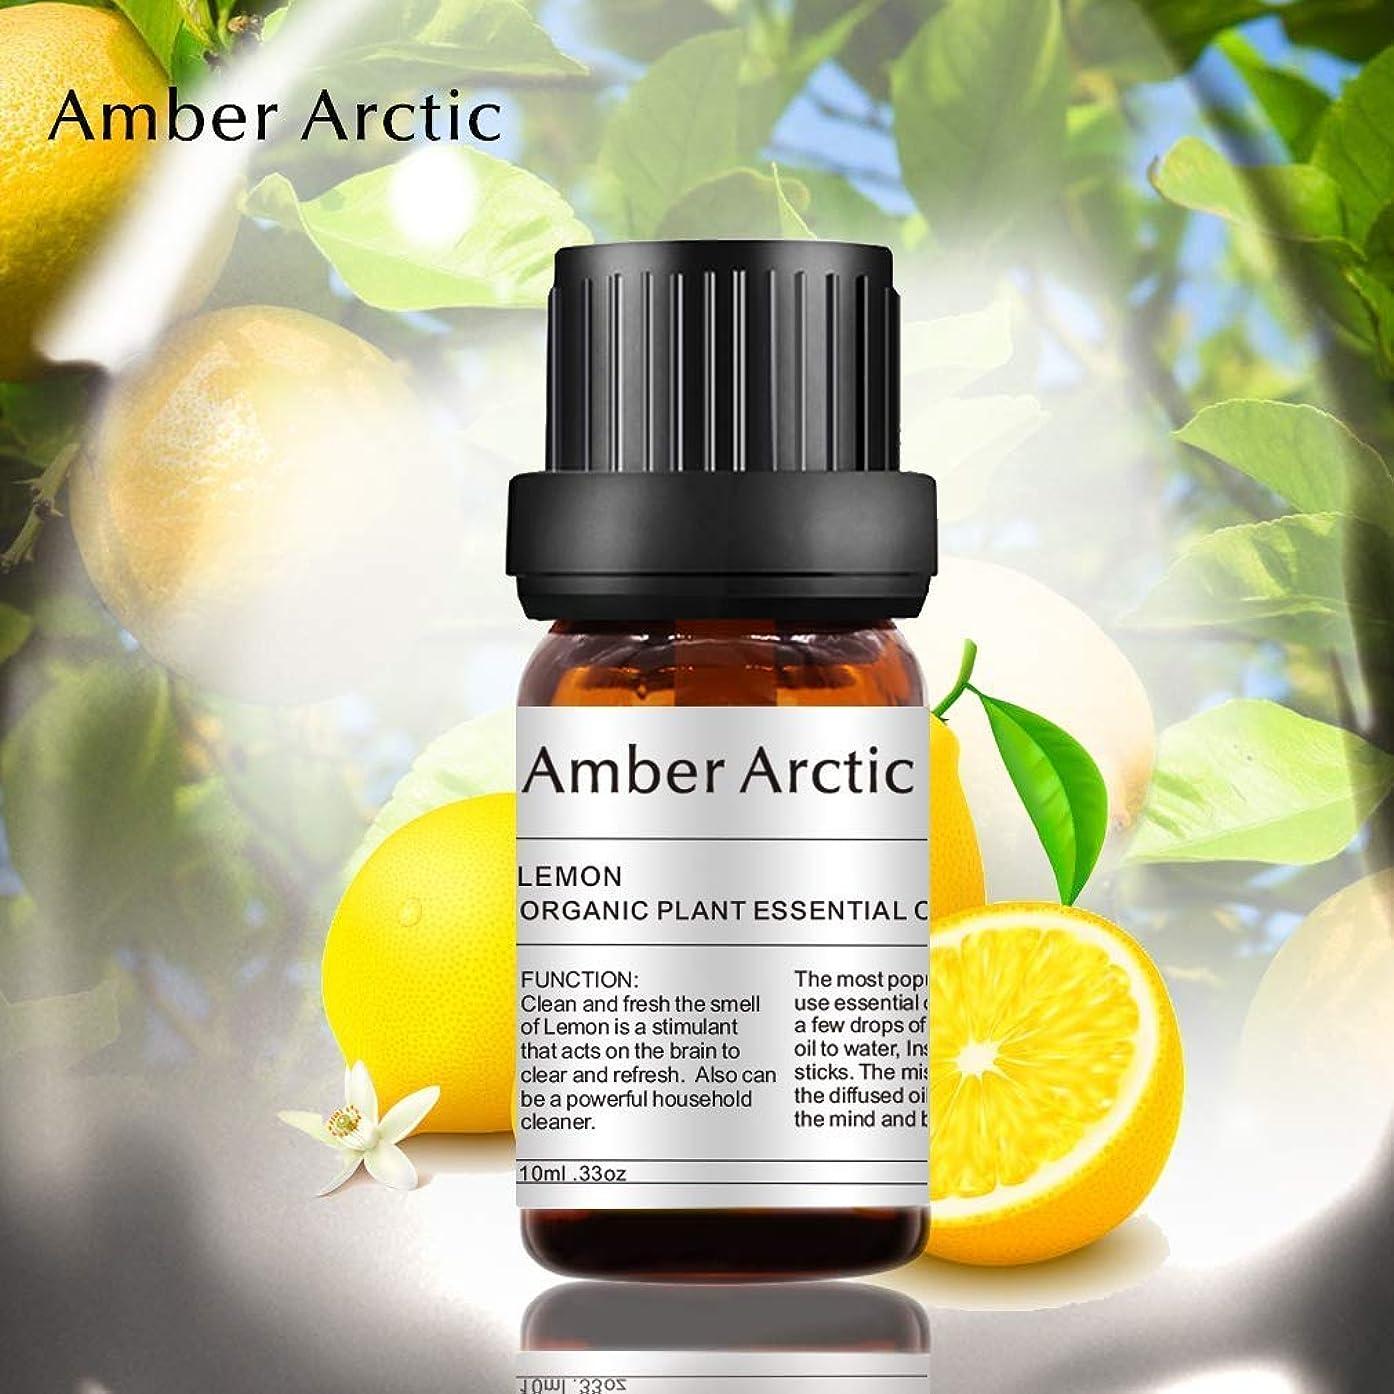 あえぎメイン格納AMBER ARCTIC 100% ピュア レモン エッセンシャル オイル ディフューザー 用 10ml / 0.33oz フレッシュ オーガニック ナチュラル レモン オイル